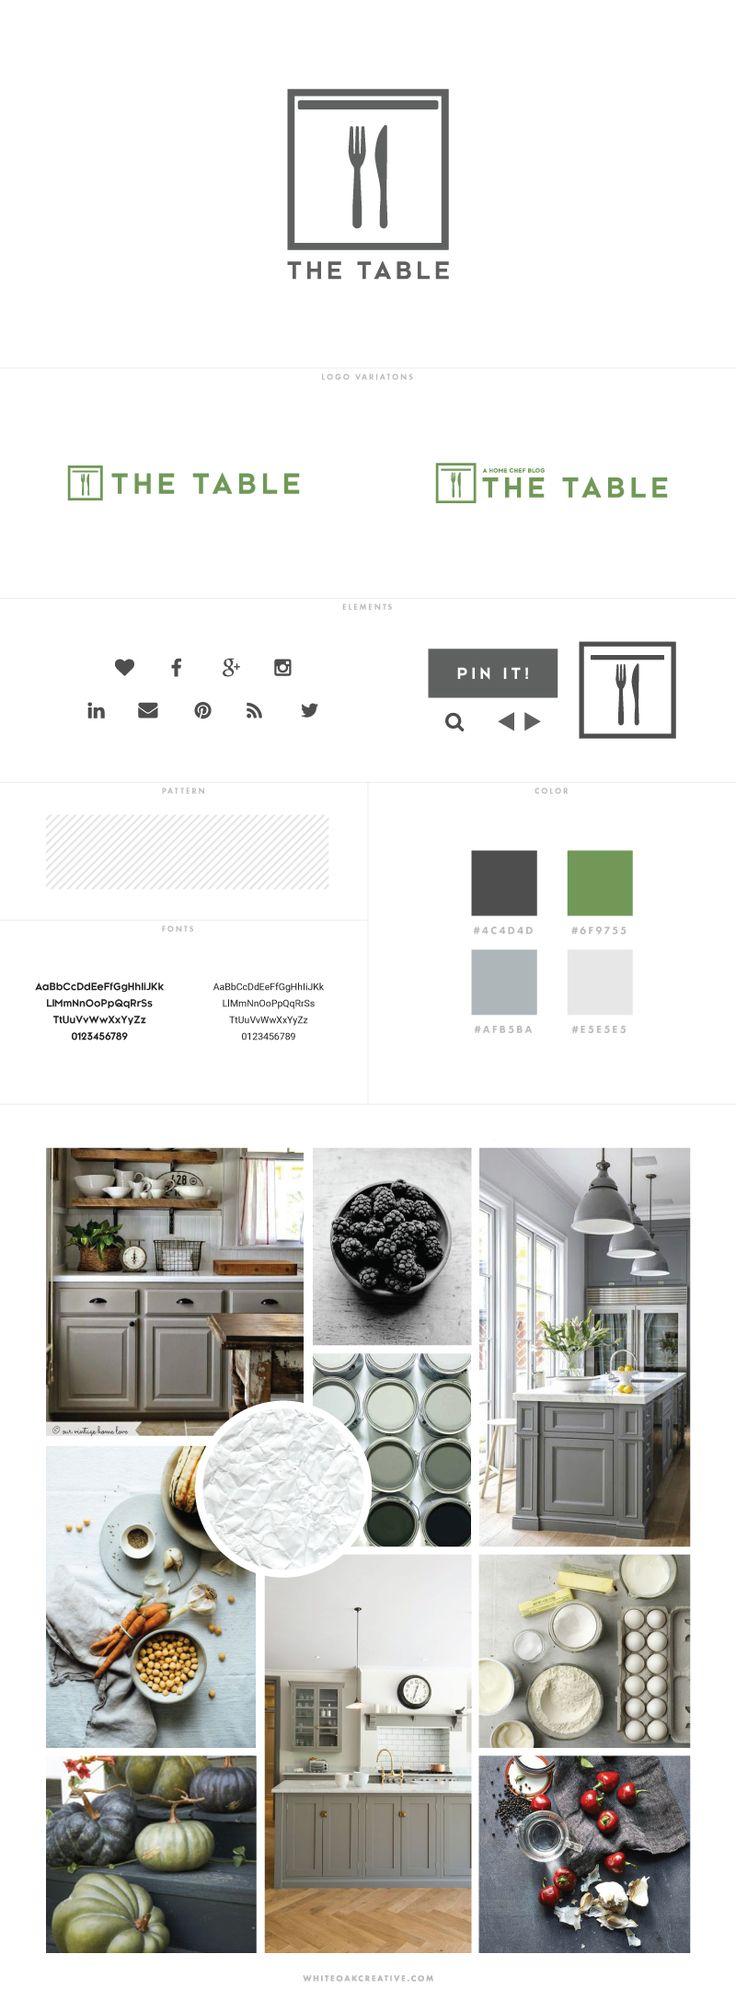 369 best <h1> website designs </h1> images on Pinterest | Website ...